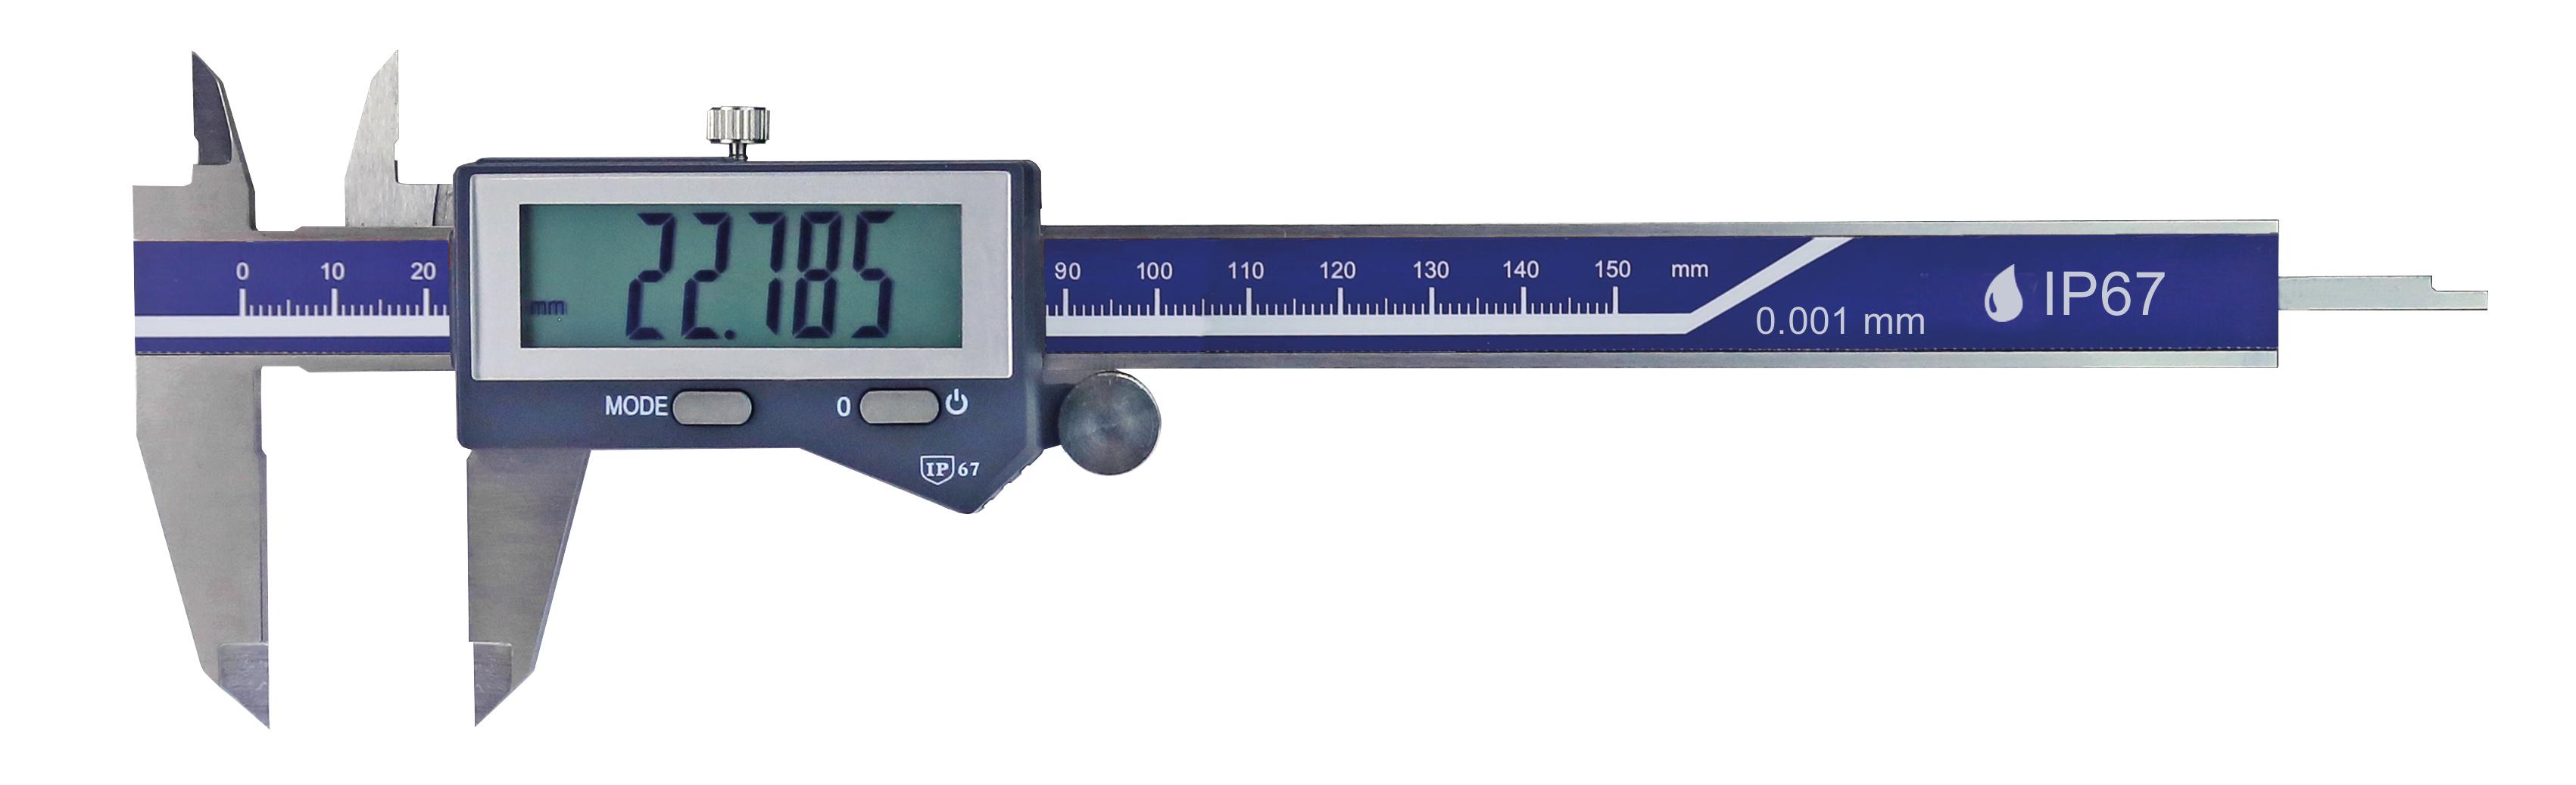 Digital-Taschen-Messschieber - Ablesung 0,001 mm - IP67 Schutz